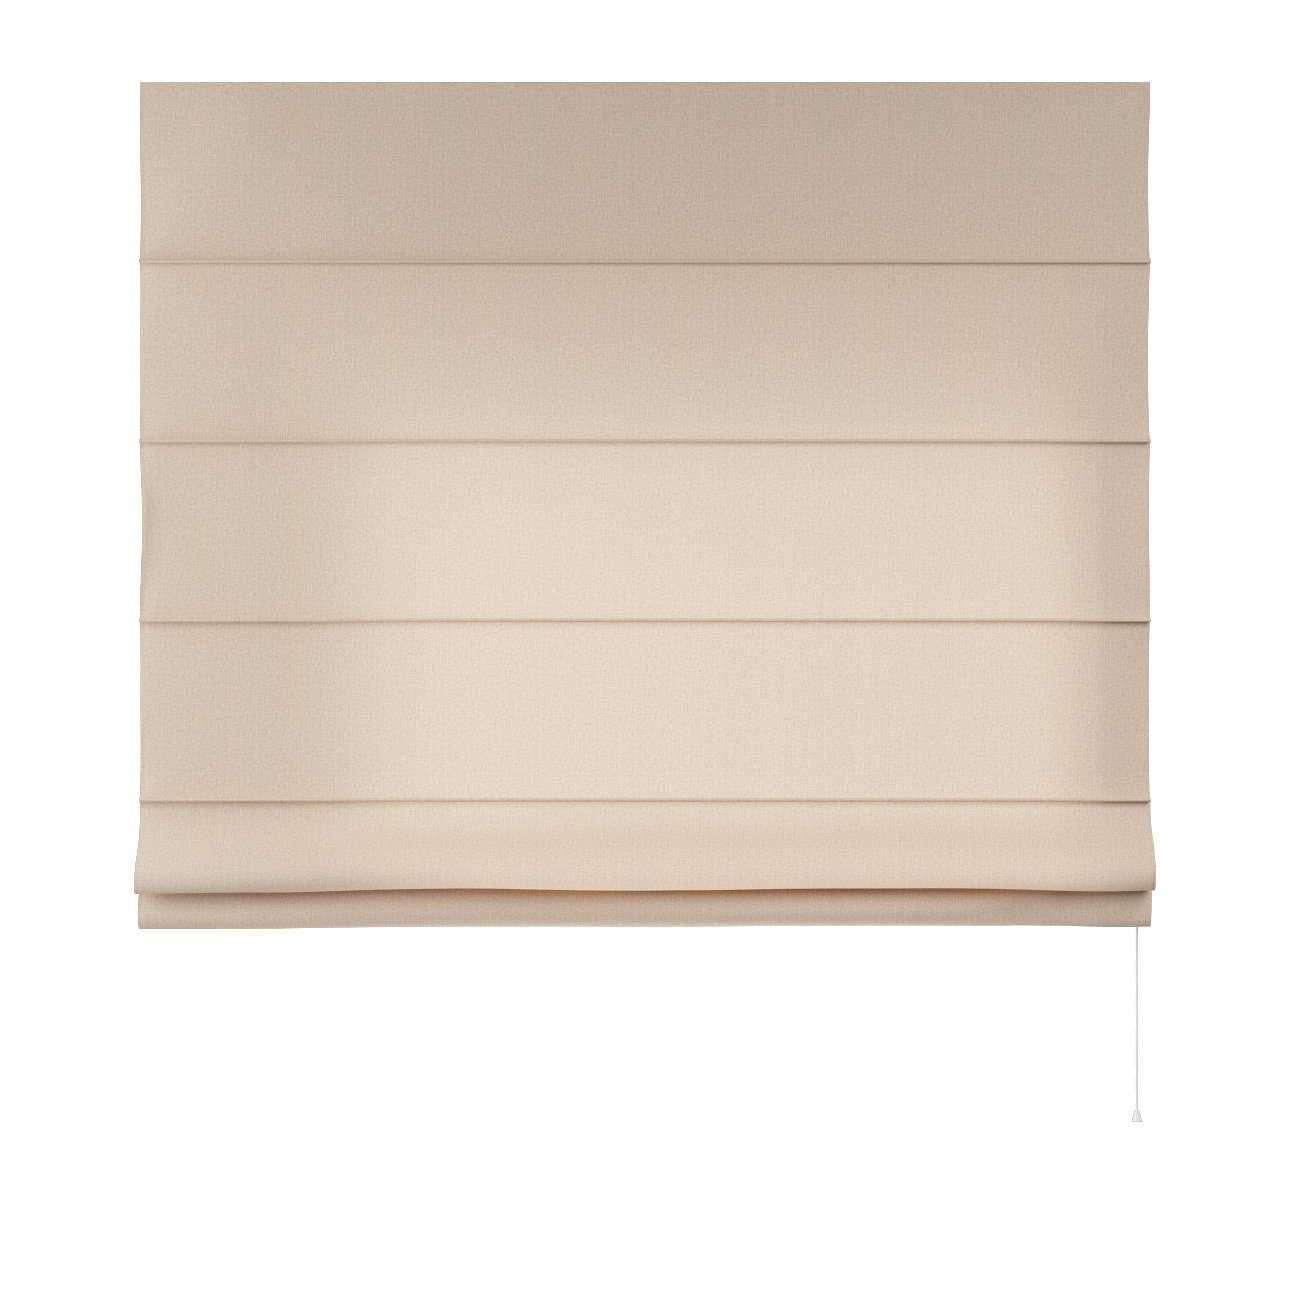 Rímska roleta Capri š.80 x výš. 170 cm V kolekcii Edinburg, tkanina: 115-78